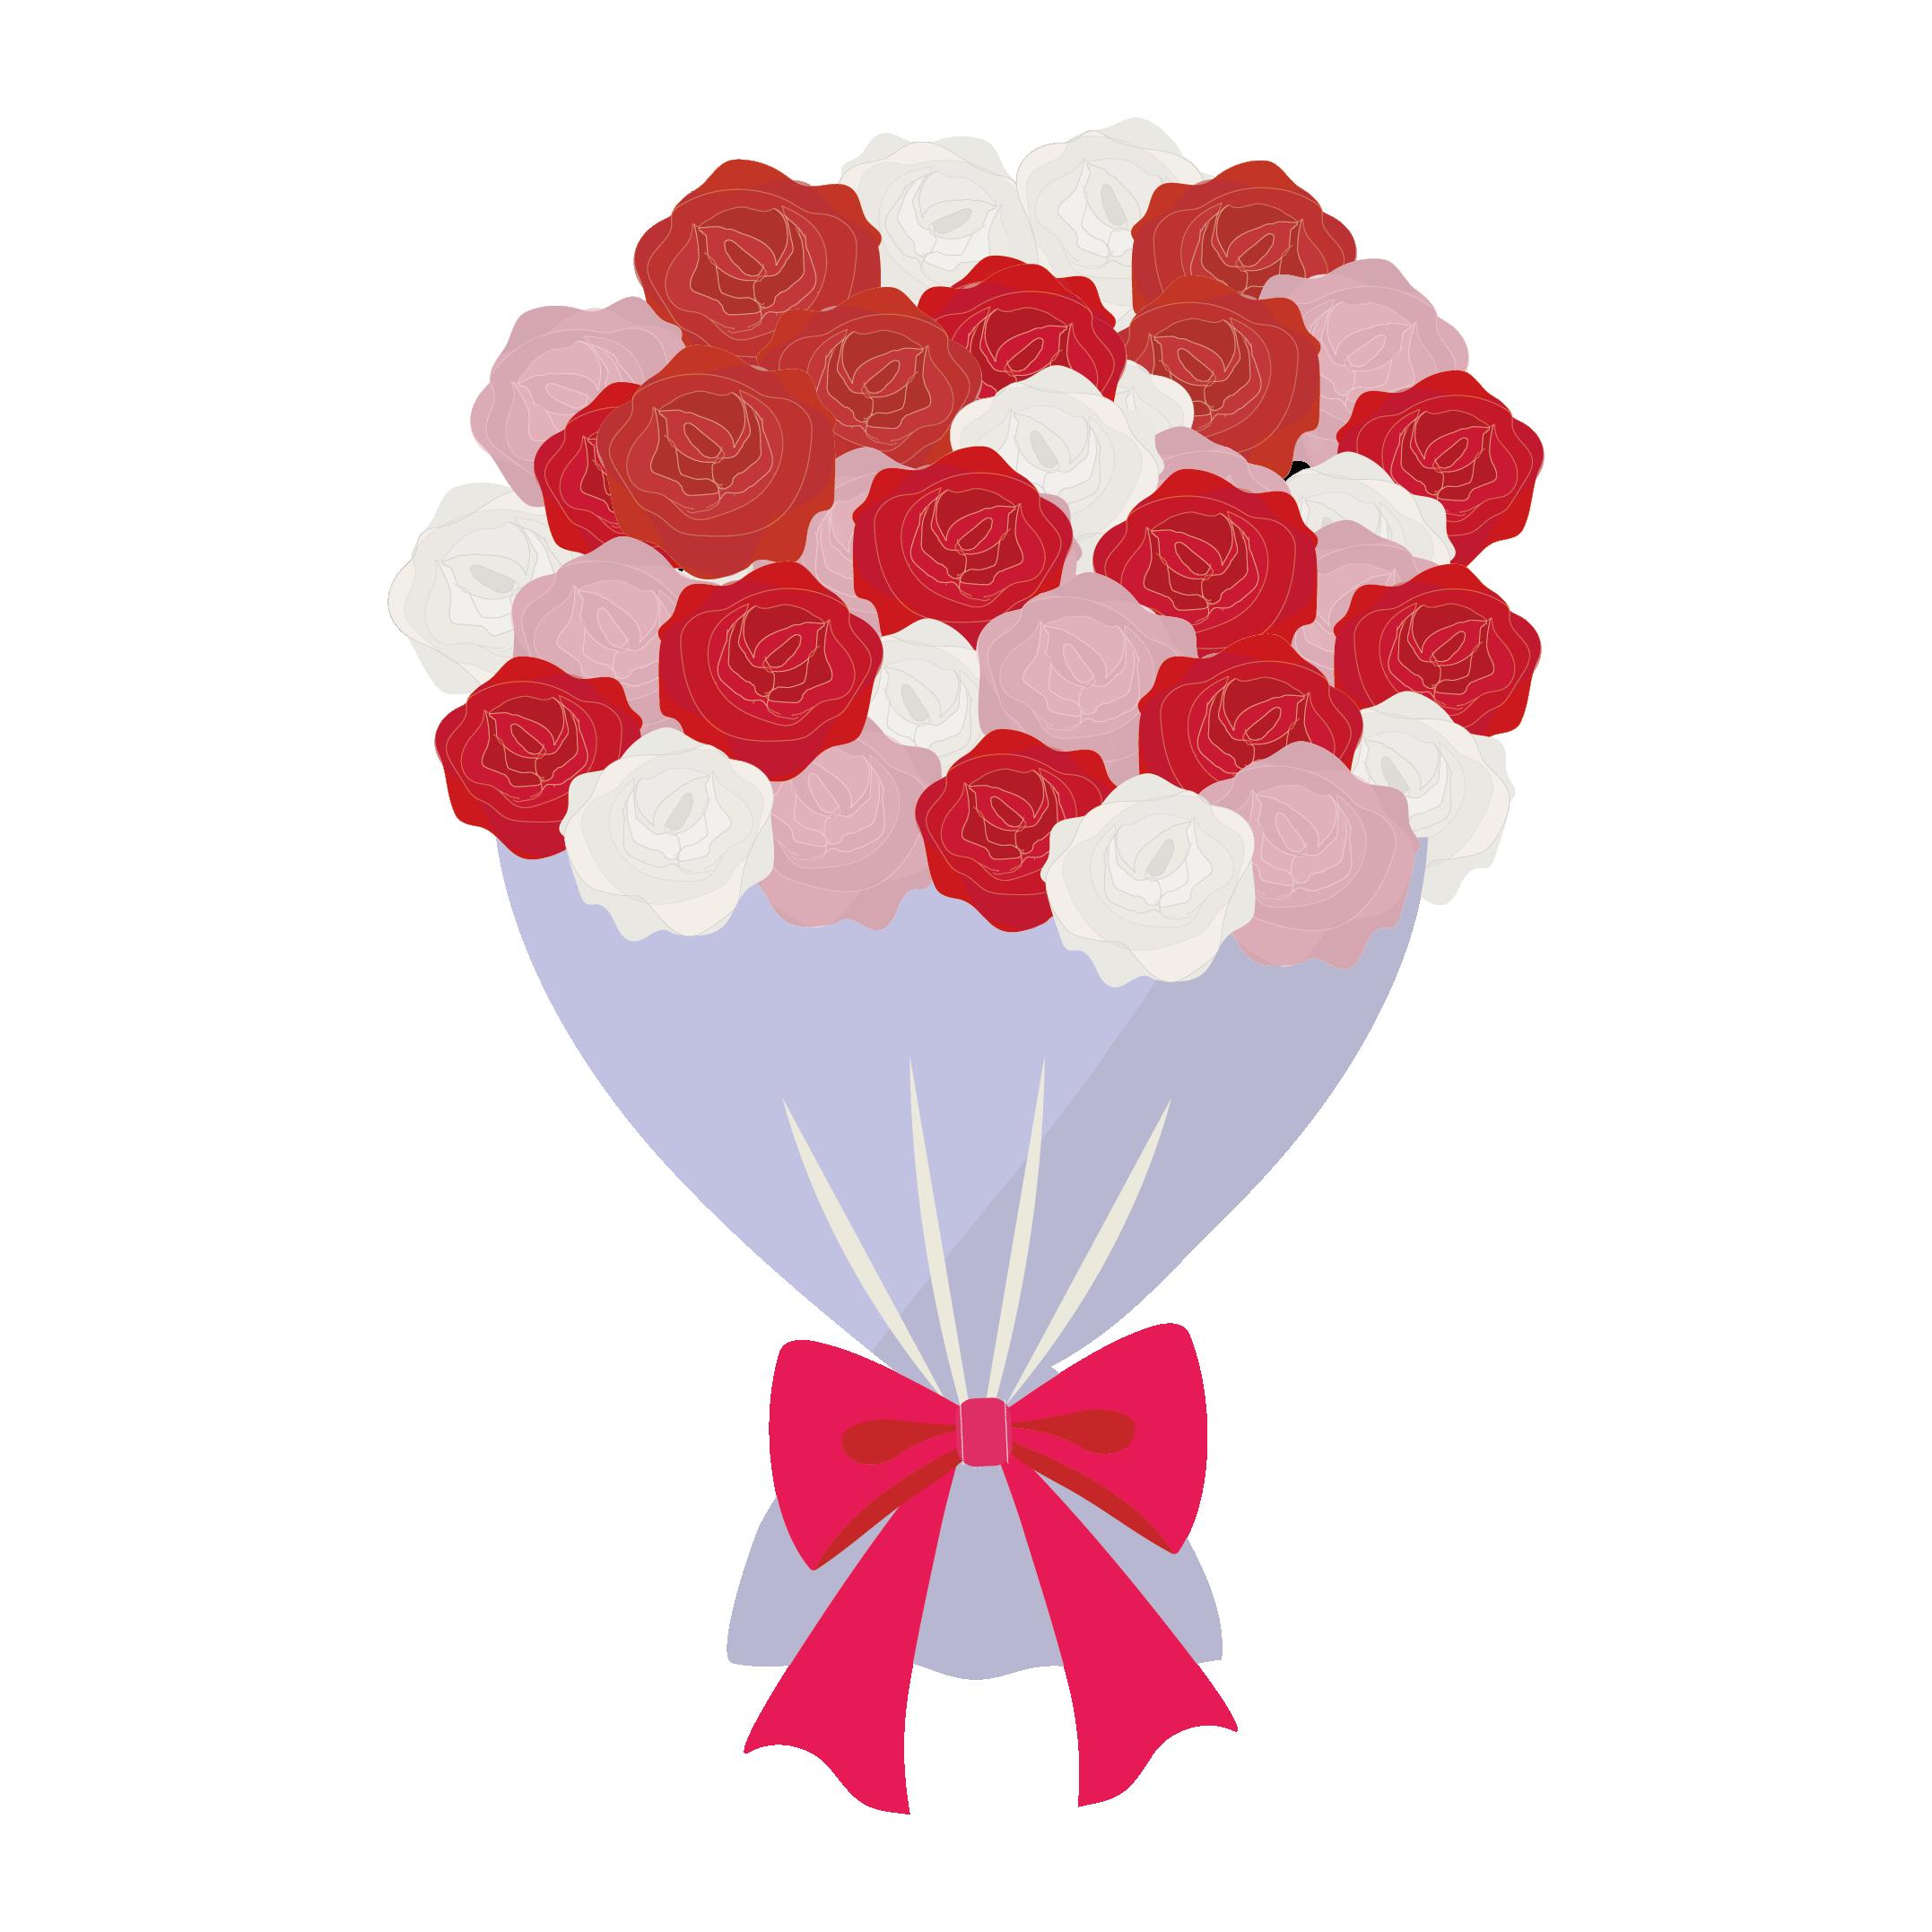 ラブリーな薔薇(バラ)の花束の フリー イラスト